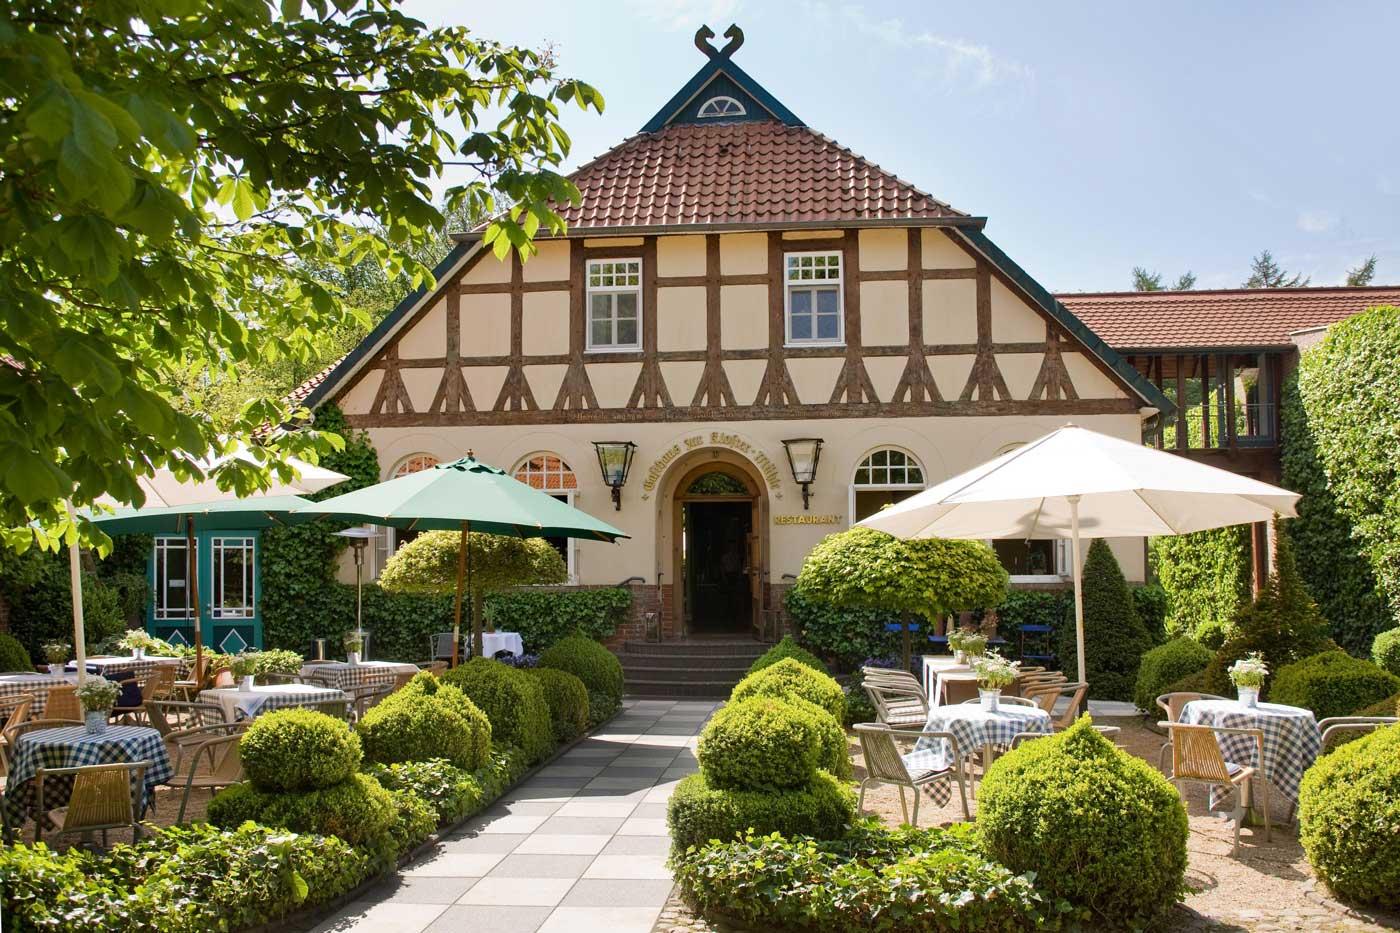 Zur Kloster-Mühle, Lüneburger Heide